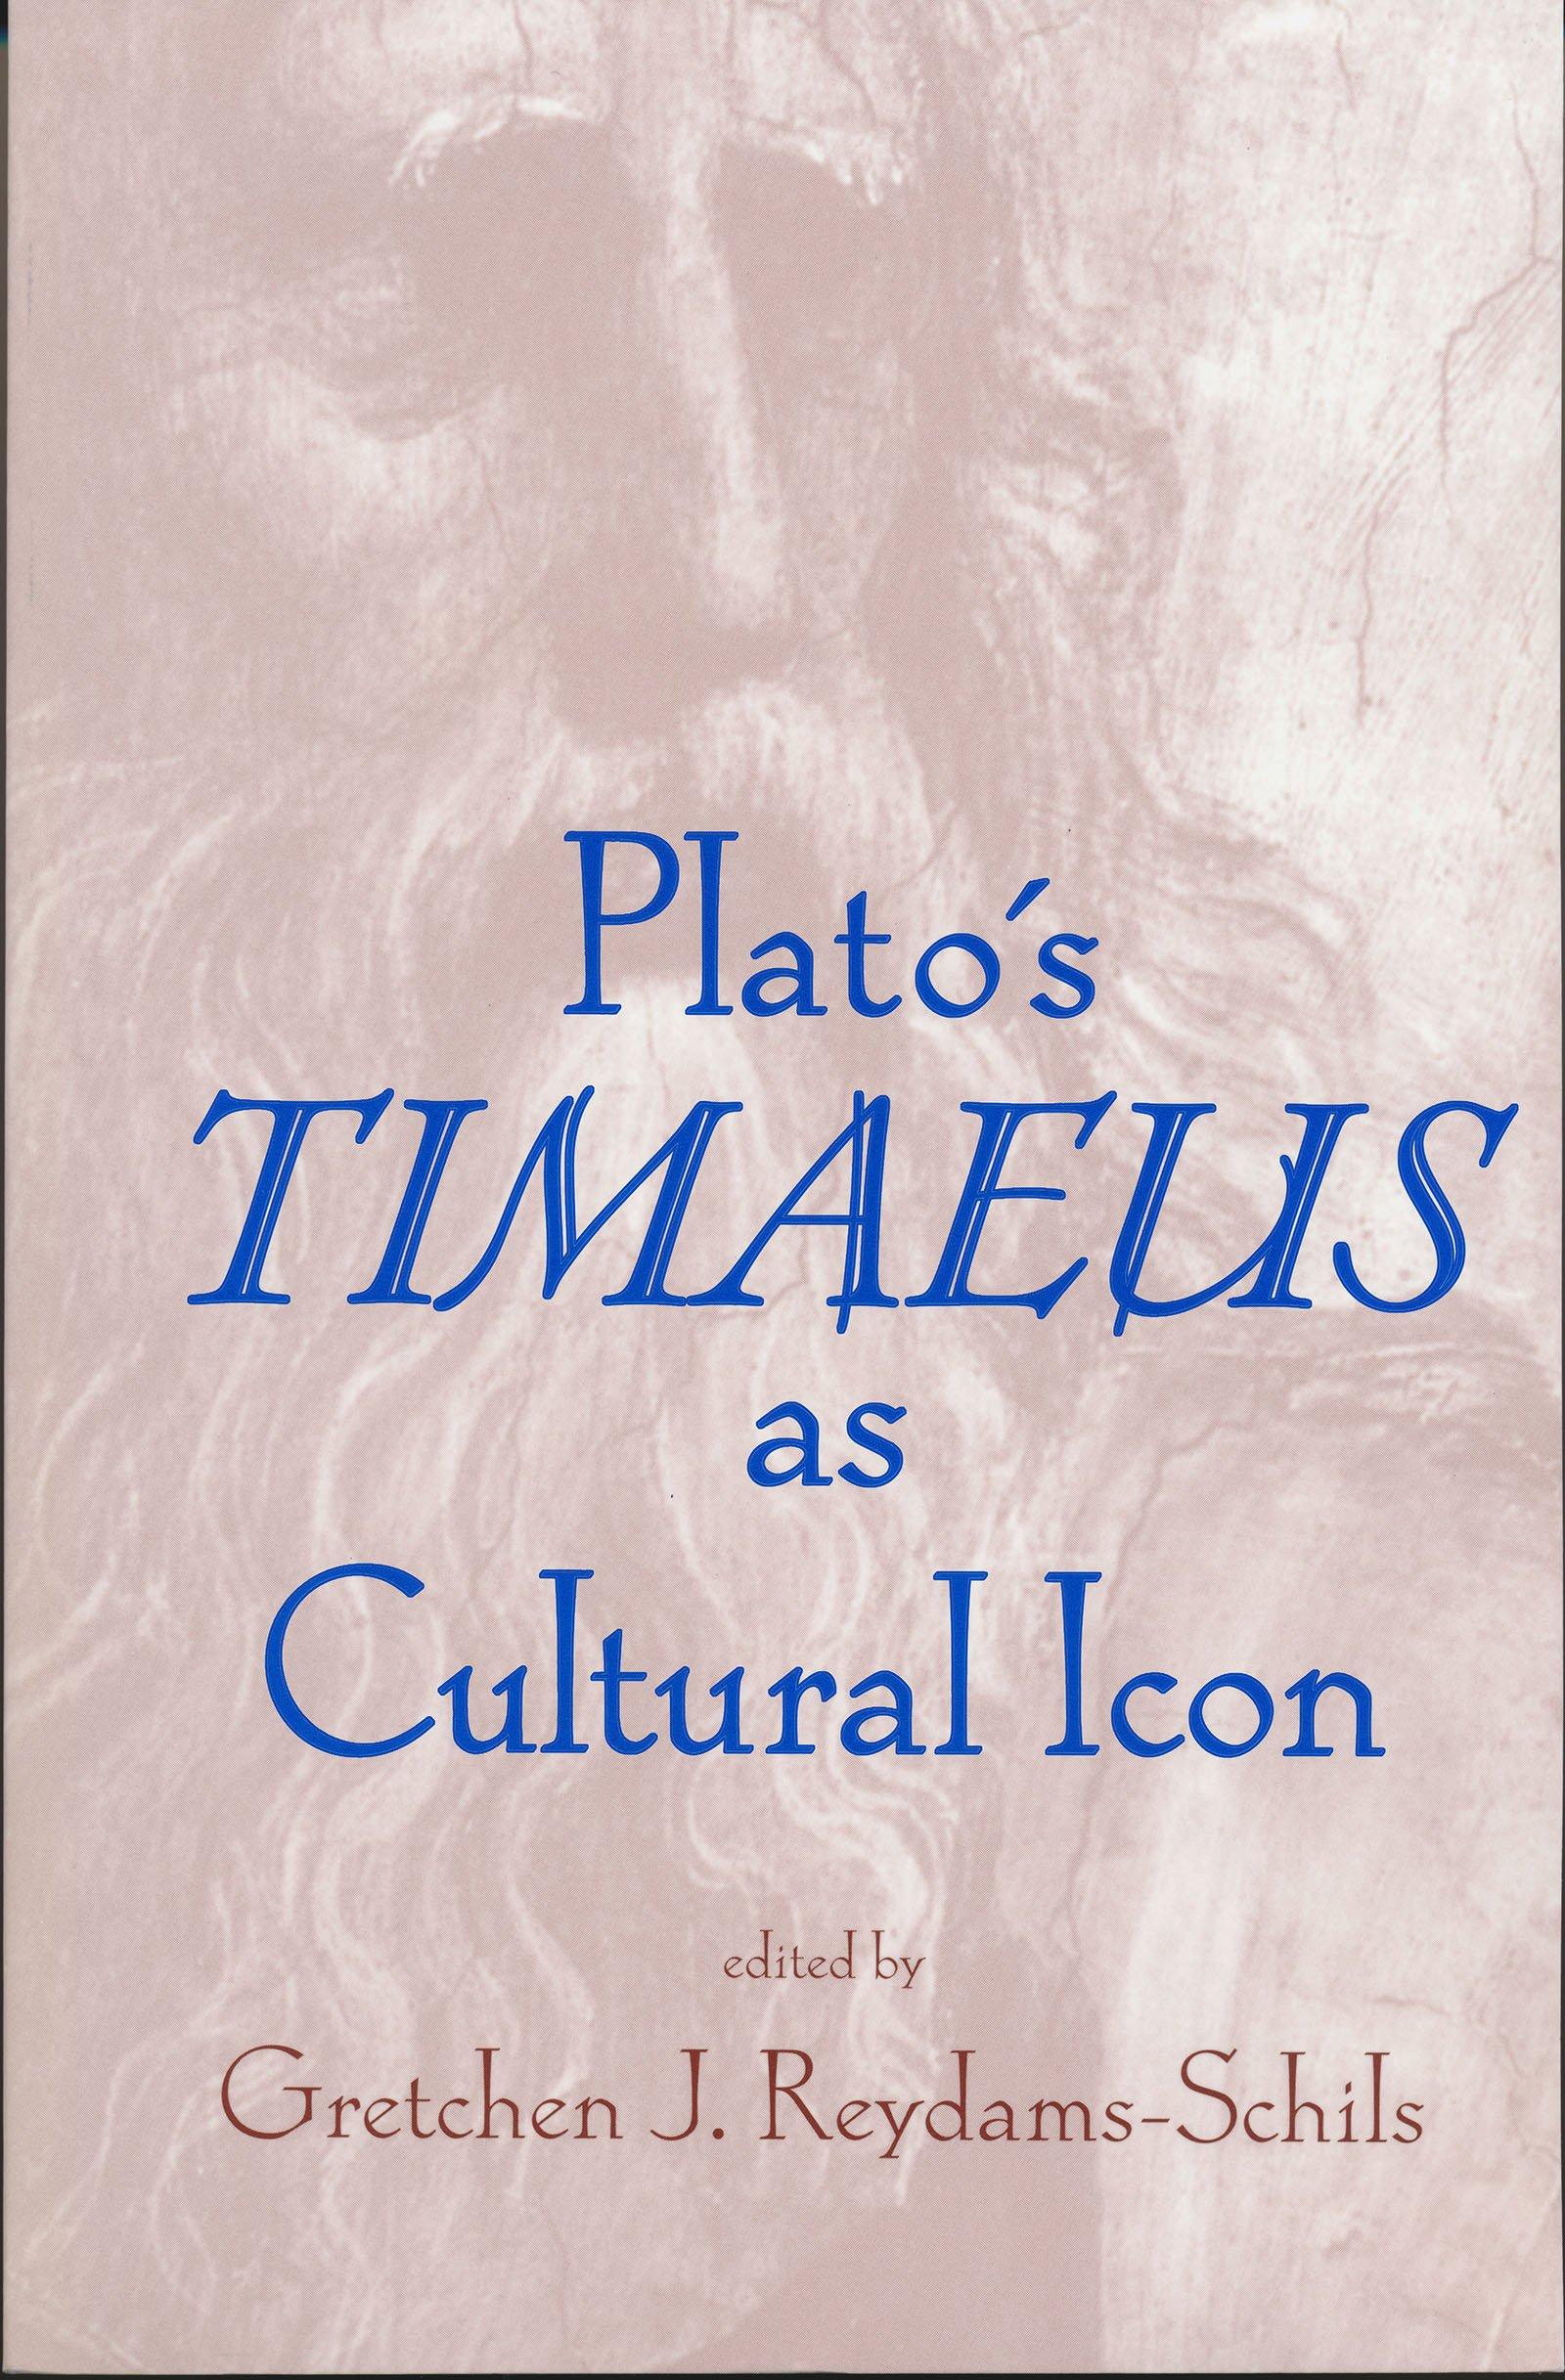 Plato's Timaeus as Cultural Icon pdf